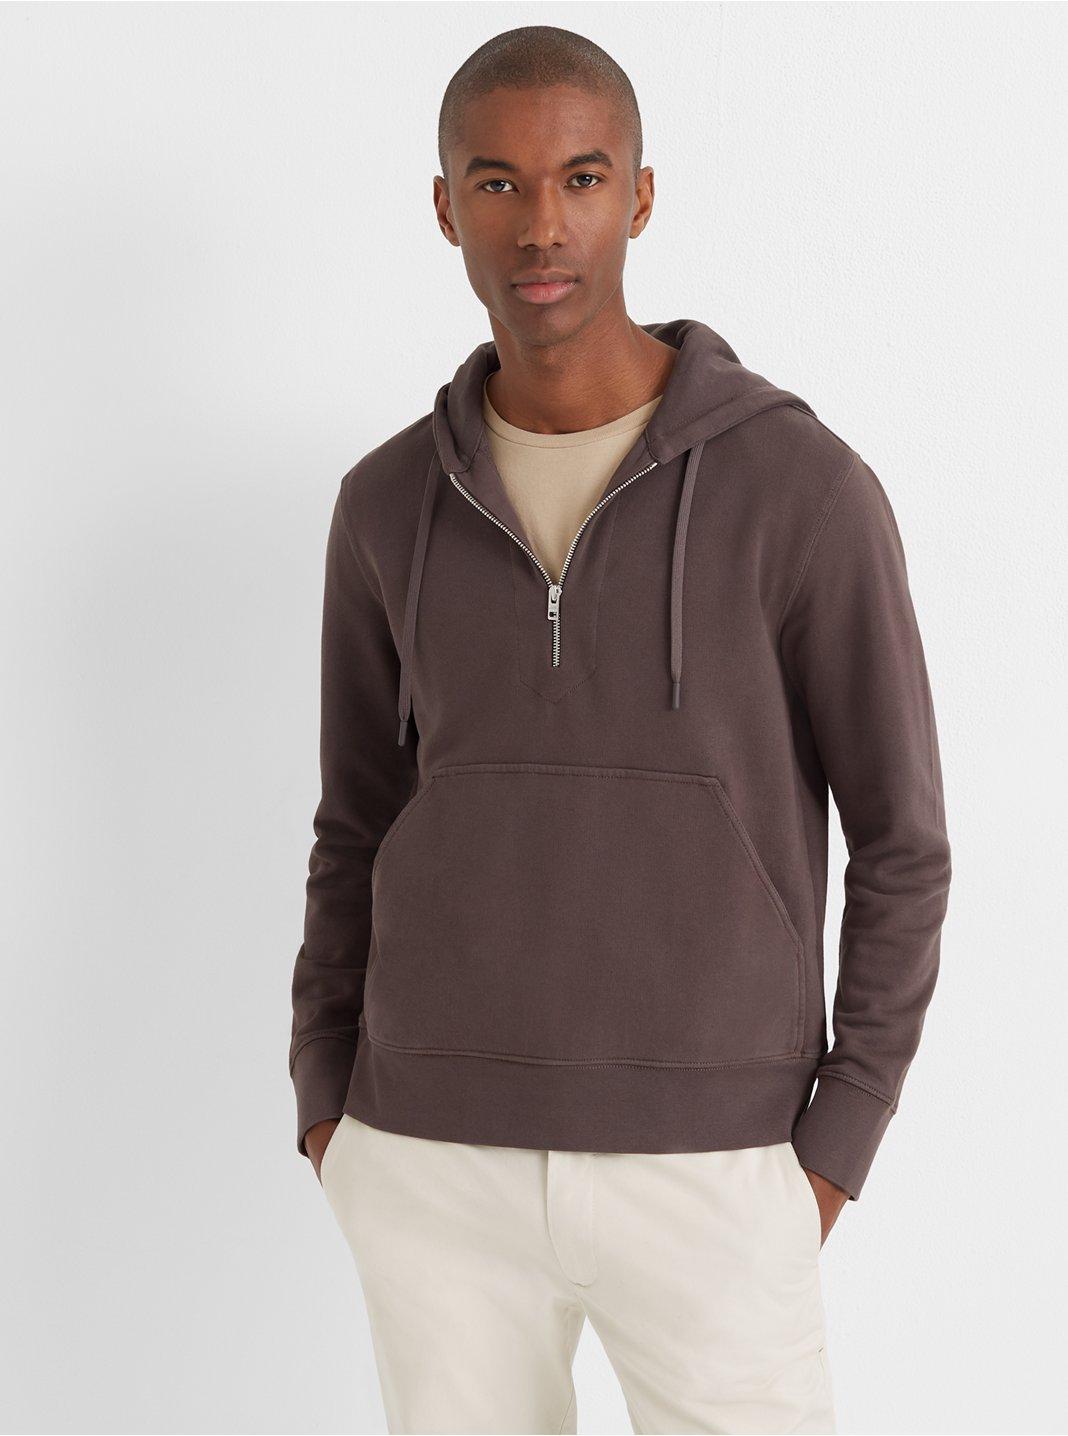 Pullover Zip Hoodie